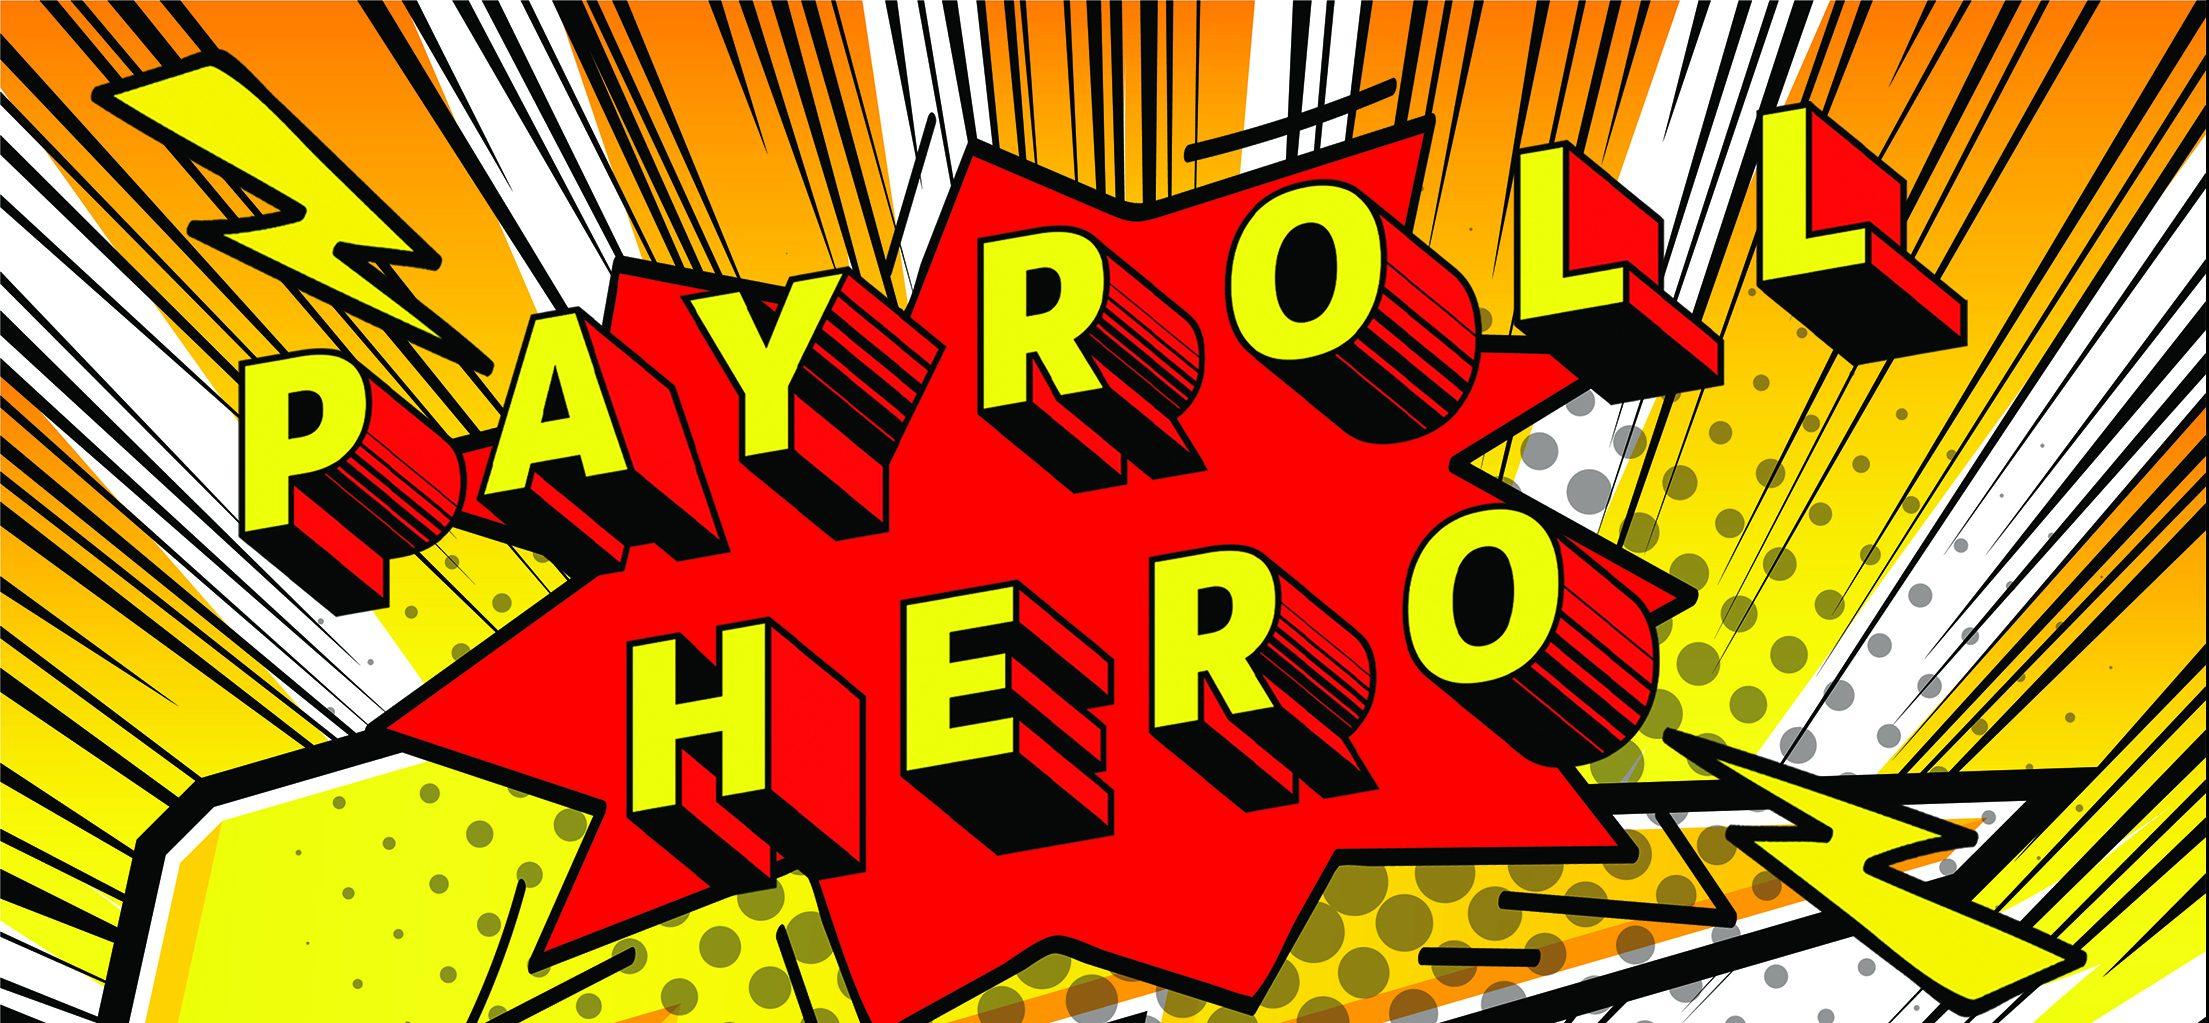 payroll hero john